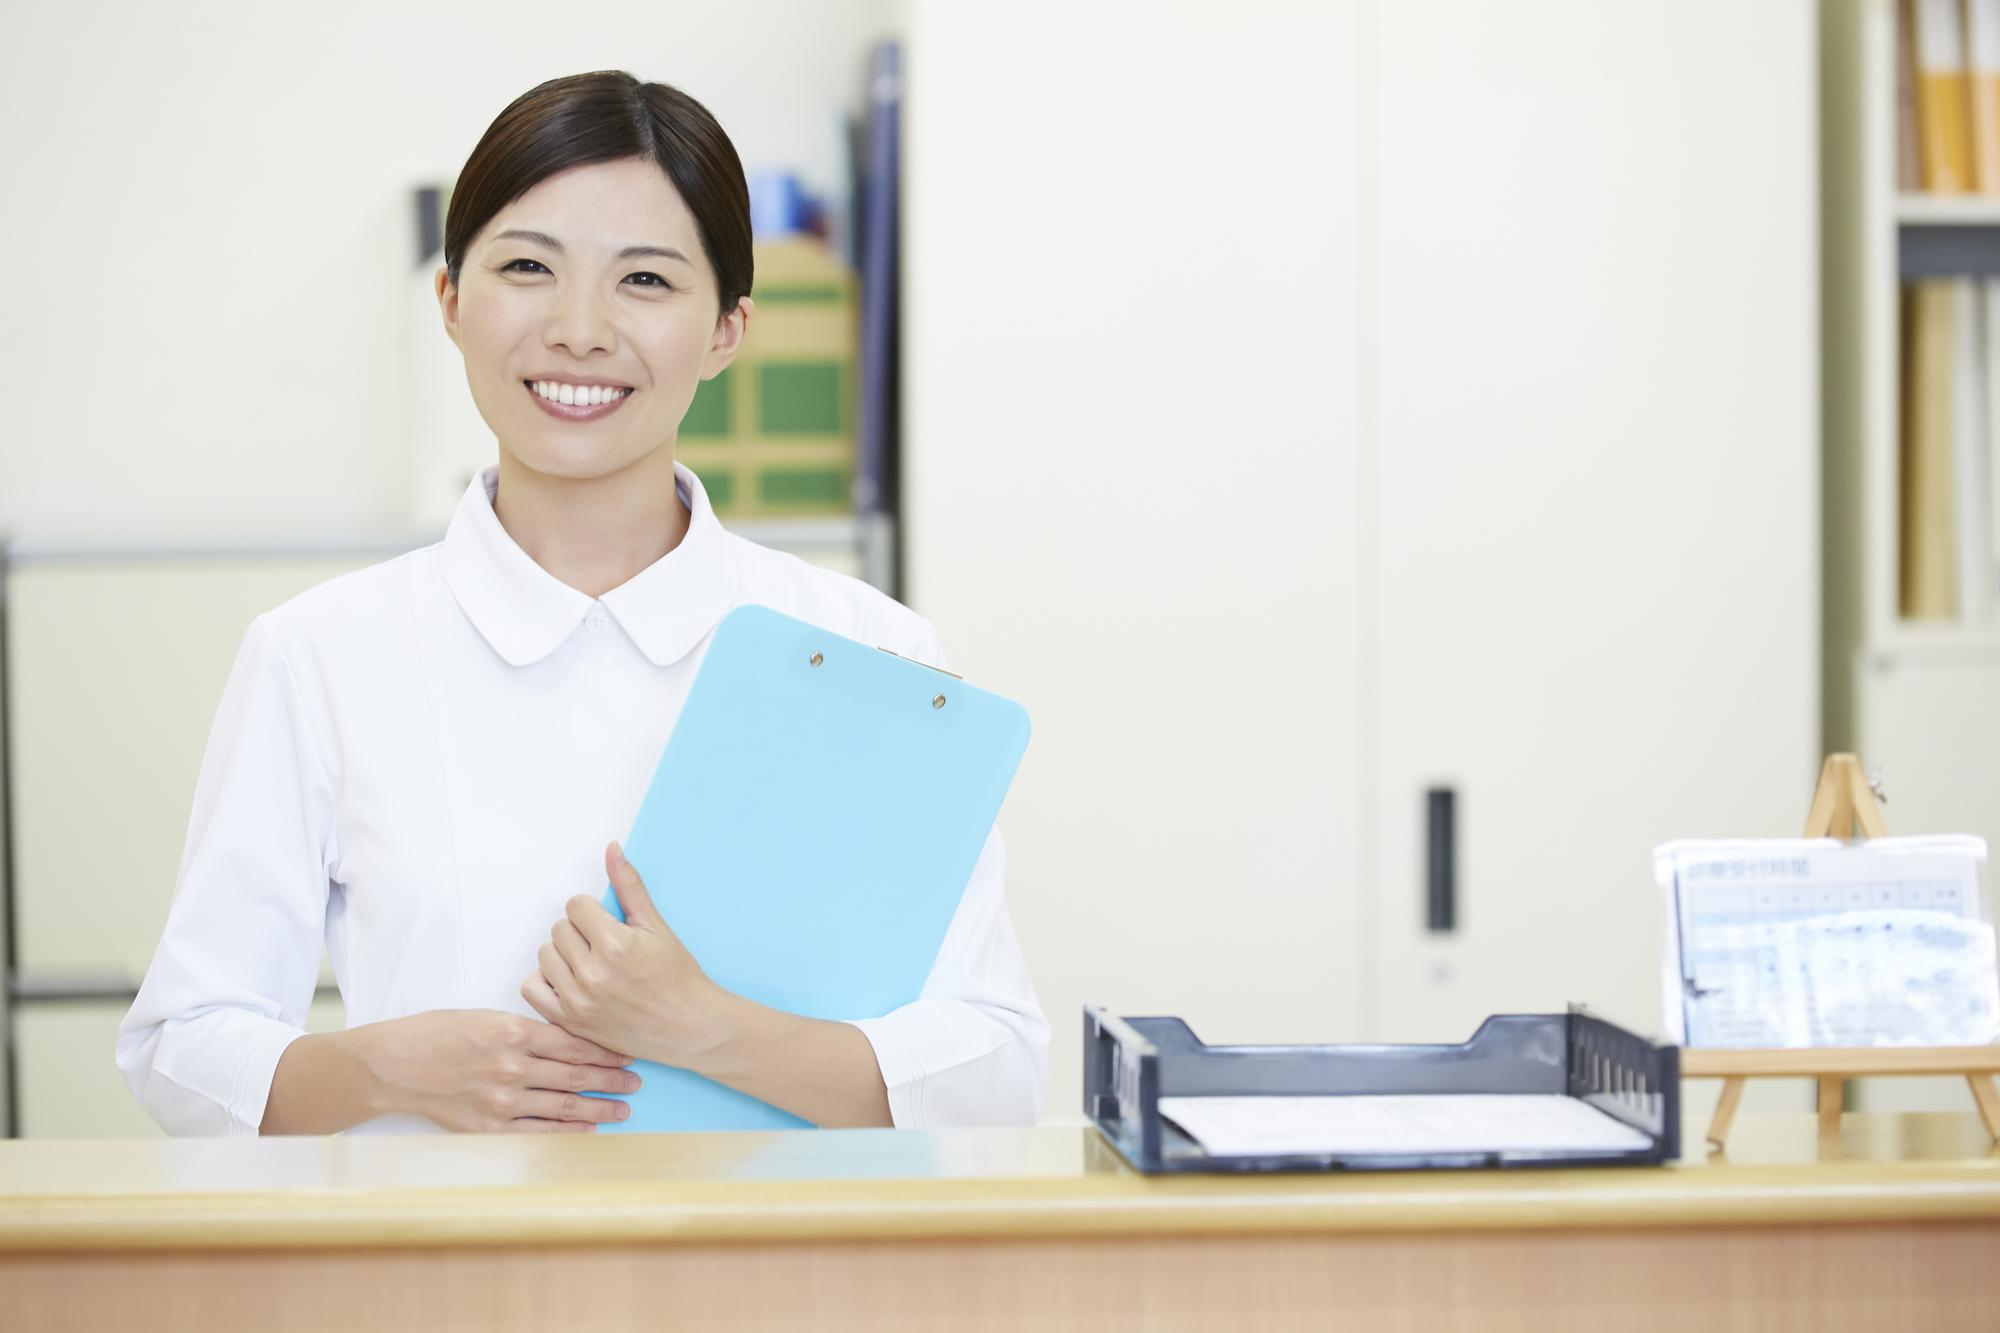 【歯科衛生士必見!】おすすめの転職時期について